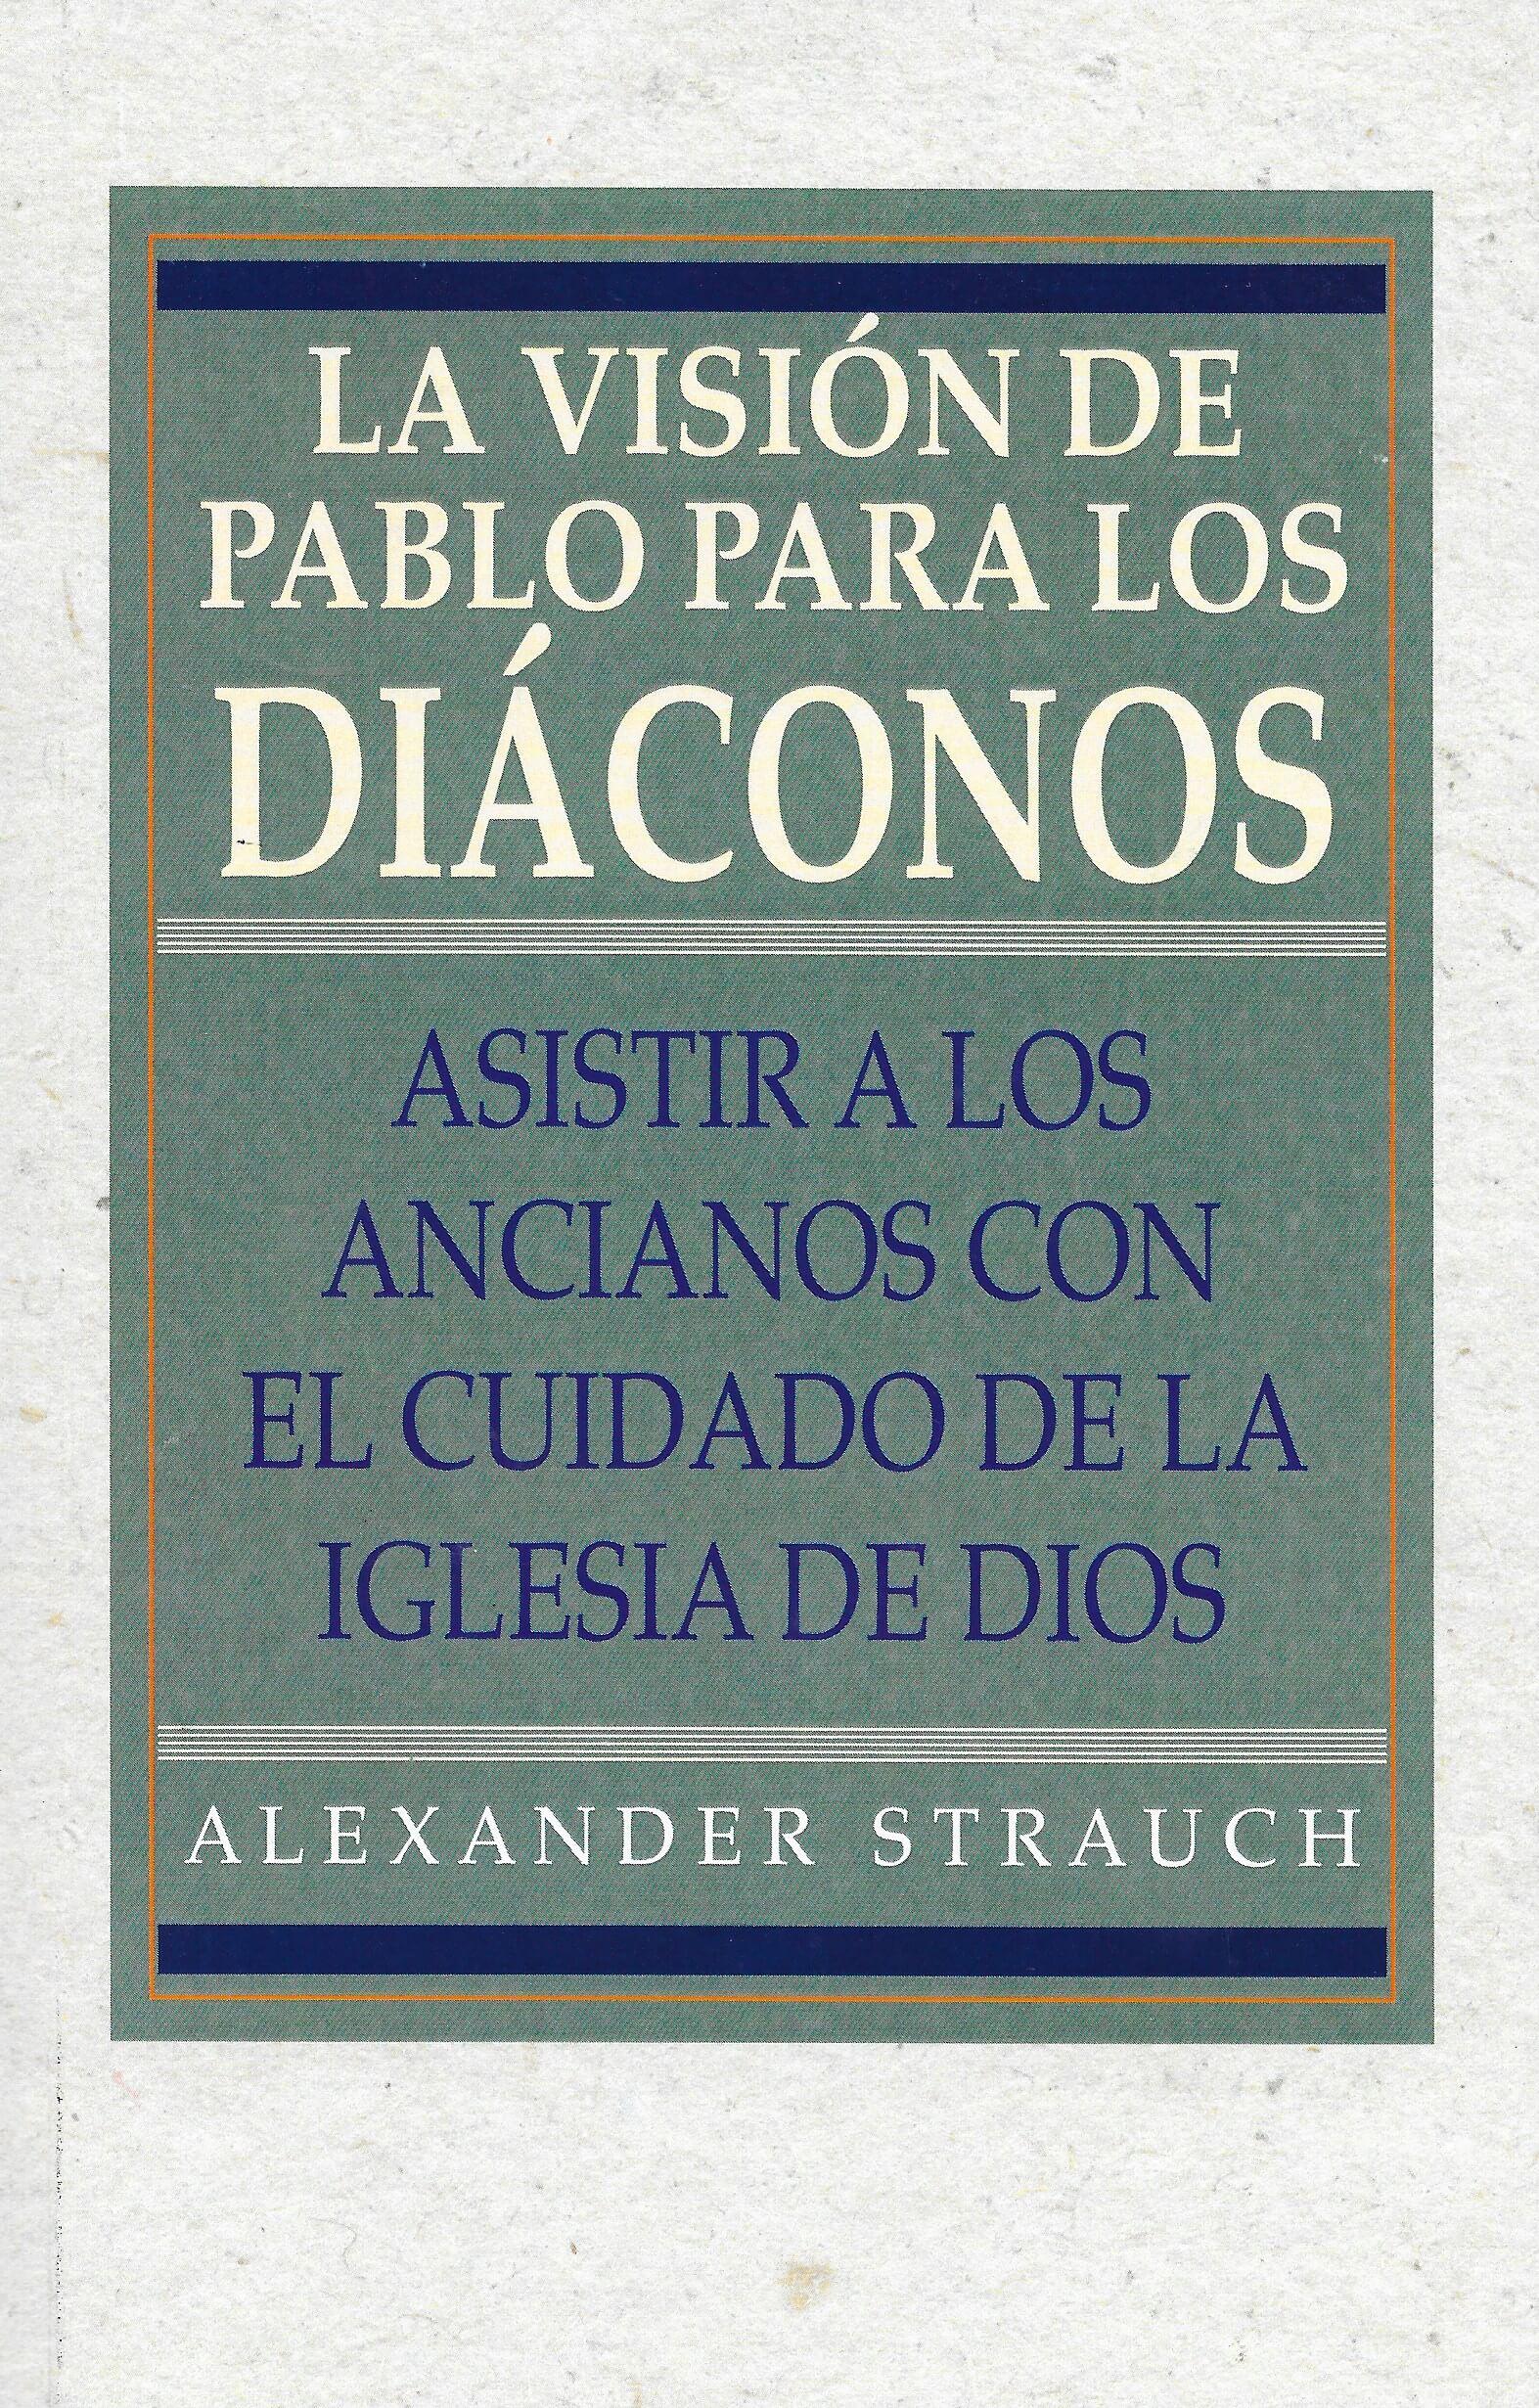 La visión de Pablo para los Diáconos (Paul's Vision for the Deacons)